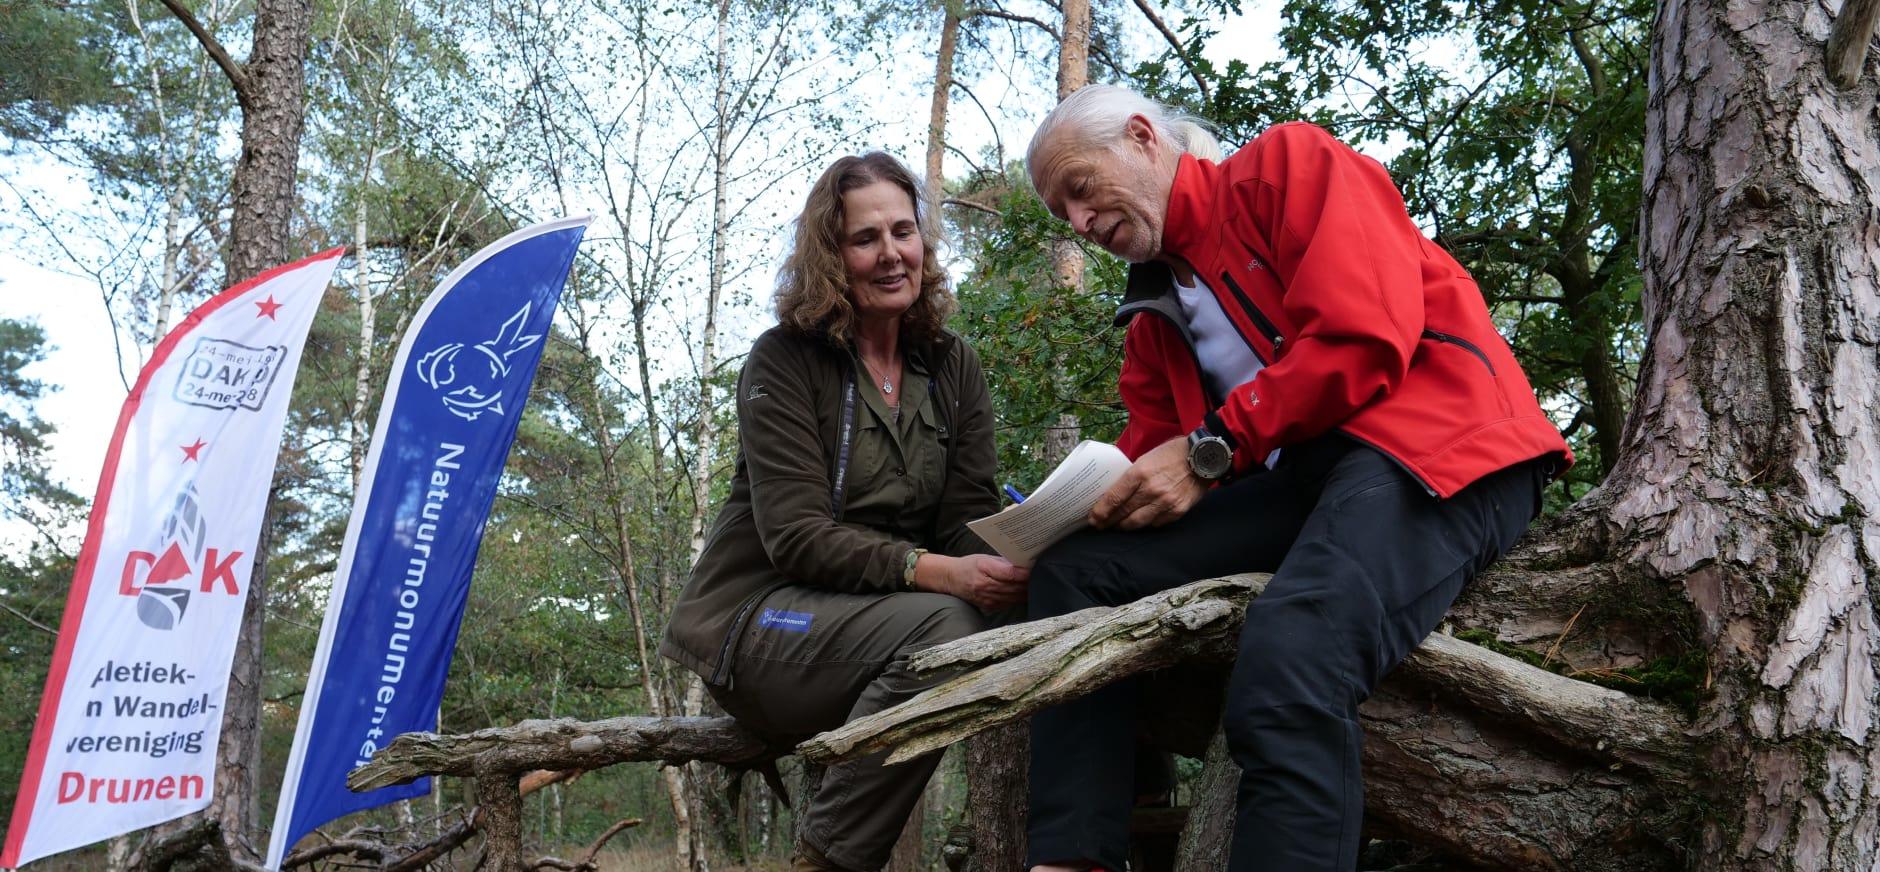 Ondertekening van de overeenkomst in de Loonse en Drunense Duinen